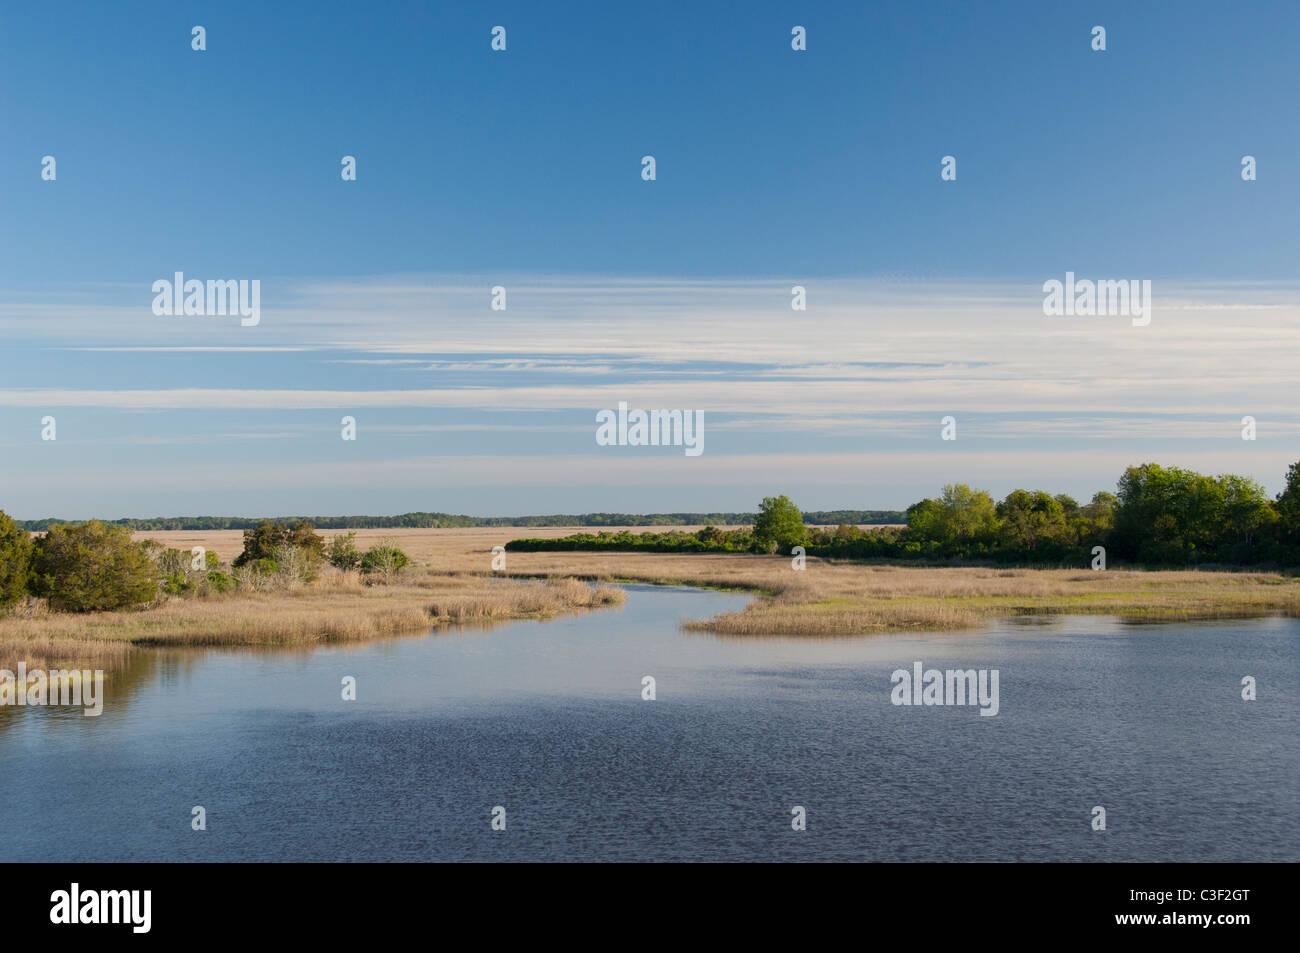 La Caroline du Sud. Marsh & l'habitat des terres humides dans le chenal entre l'Atlantique et de Beaufort Photo Stock